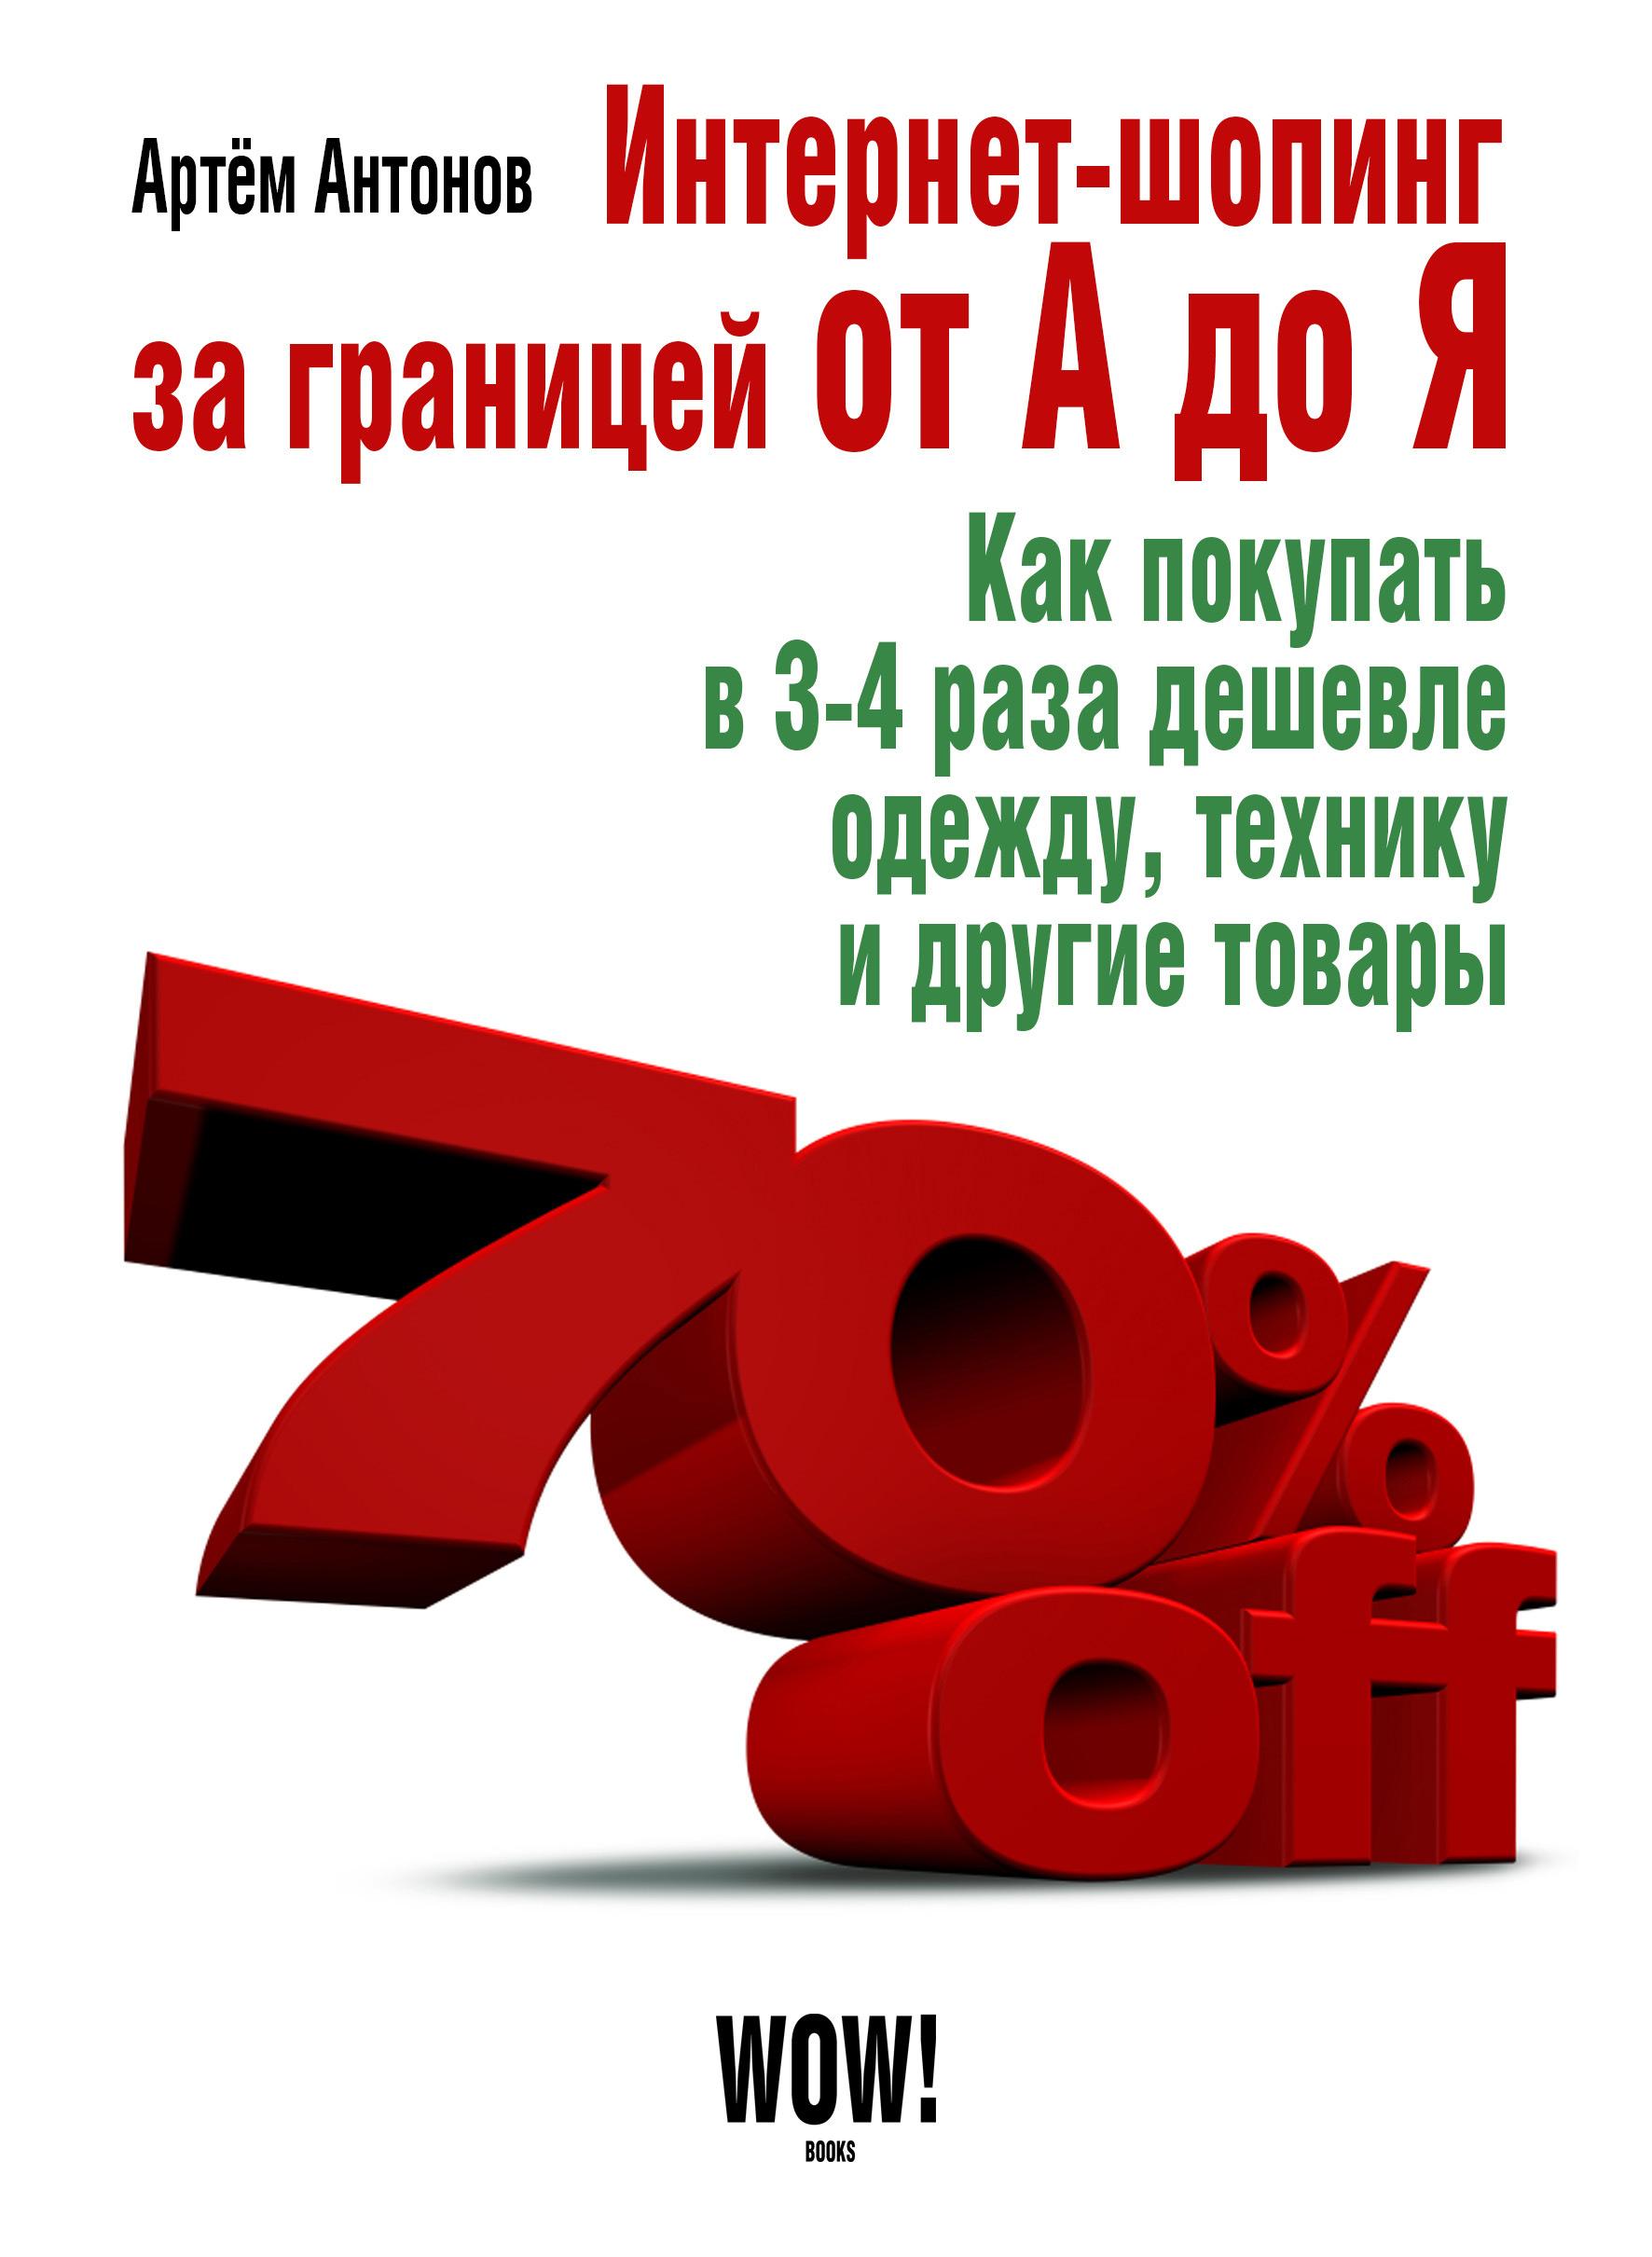 Артём Антонов «Интернет-шопинг за границей от А до Я»